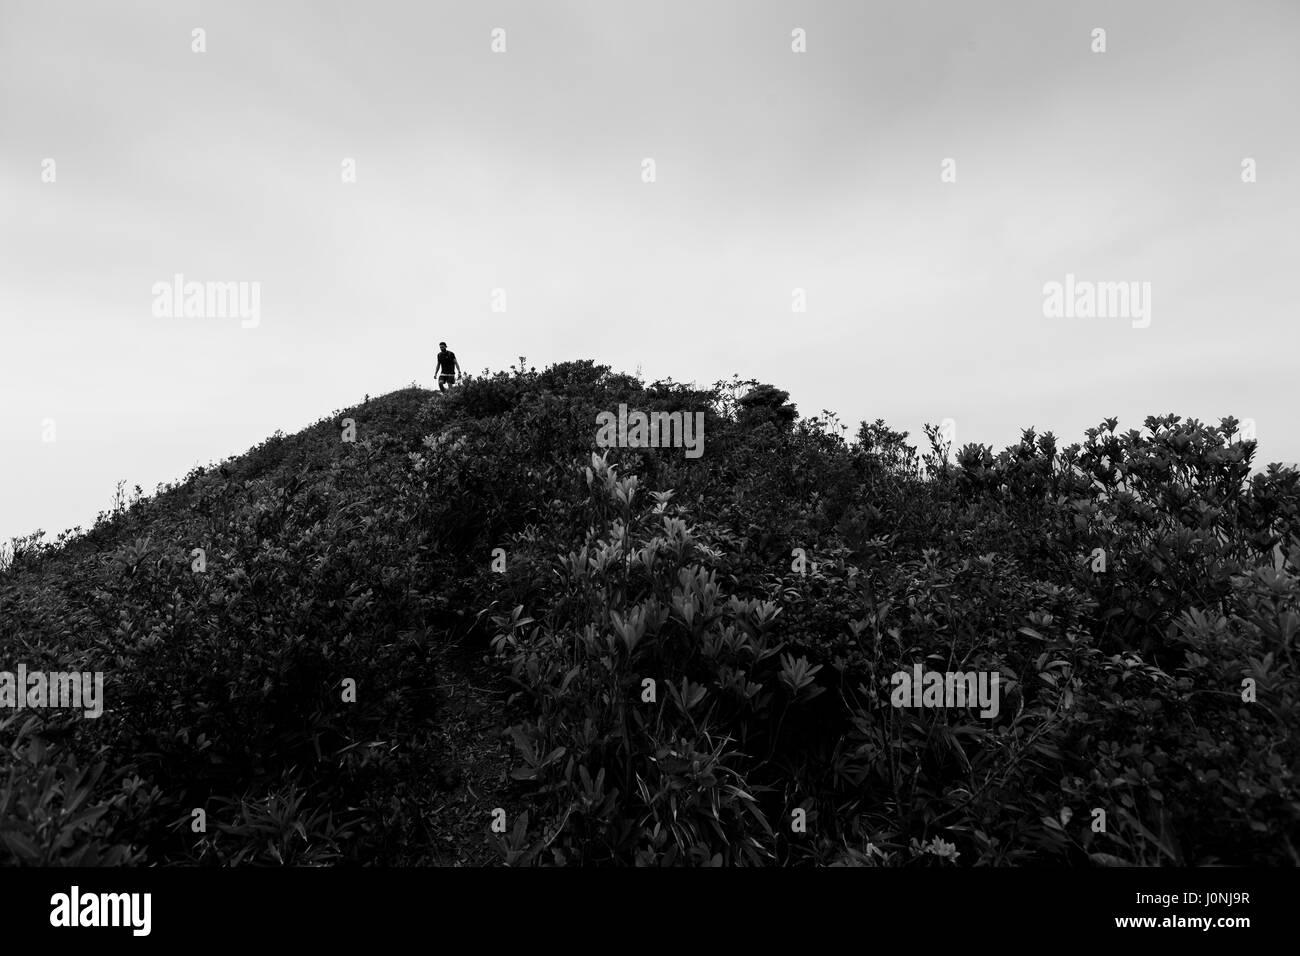 Hiking up Lantau Peak via Dogs Tooth Trail, Lantau, Hong Kong 2017 - Stock Image